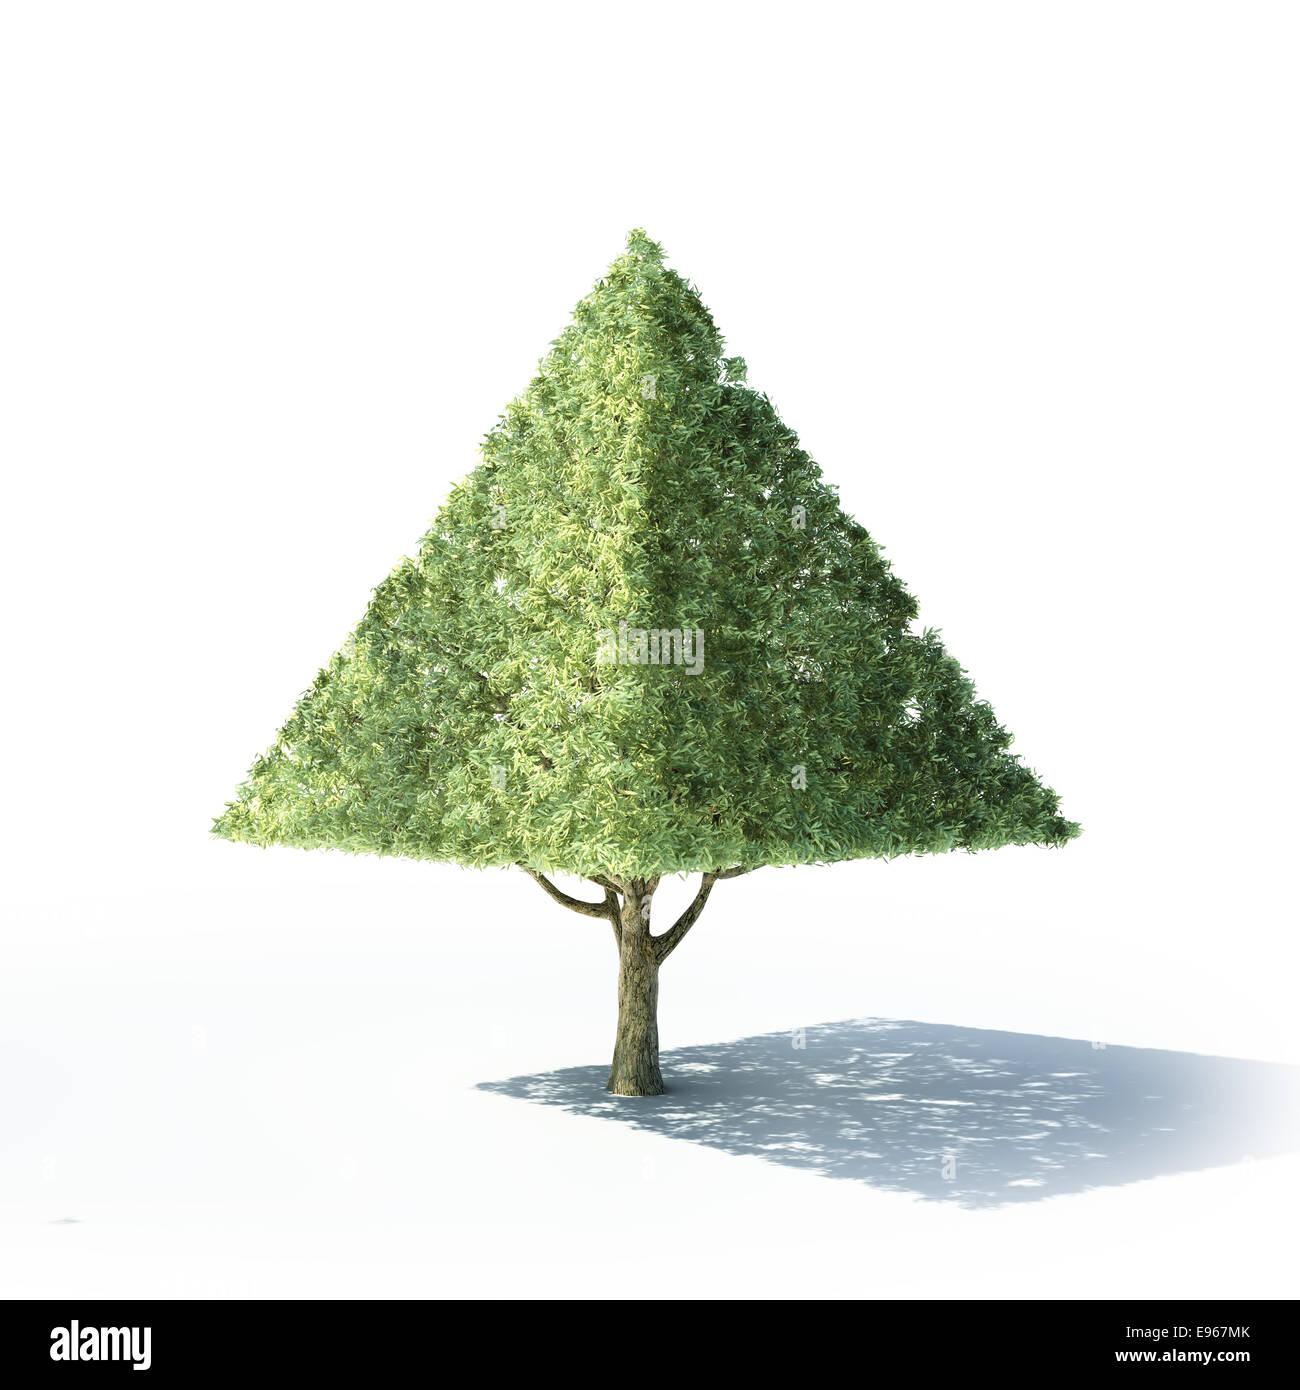 Arbre en forme de pyramide sur un fond blanc Photo Stock